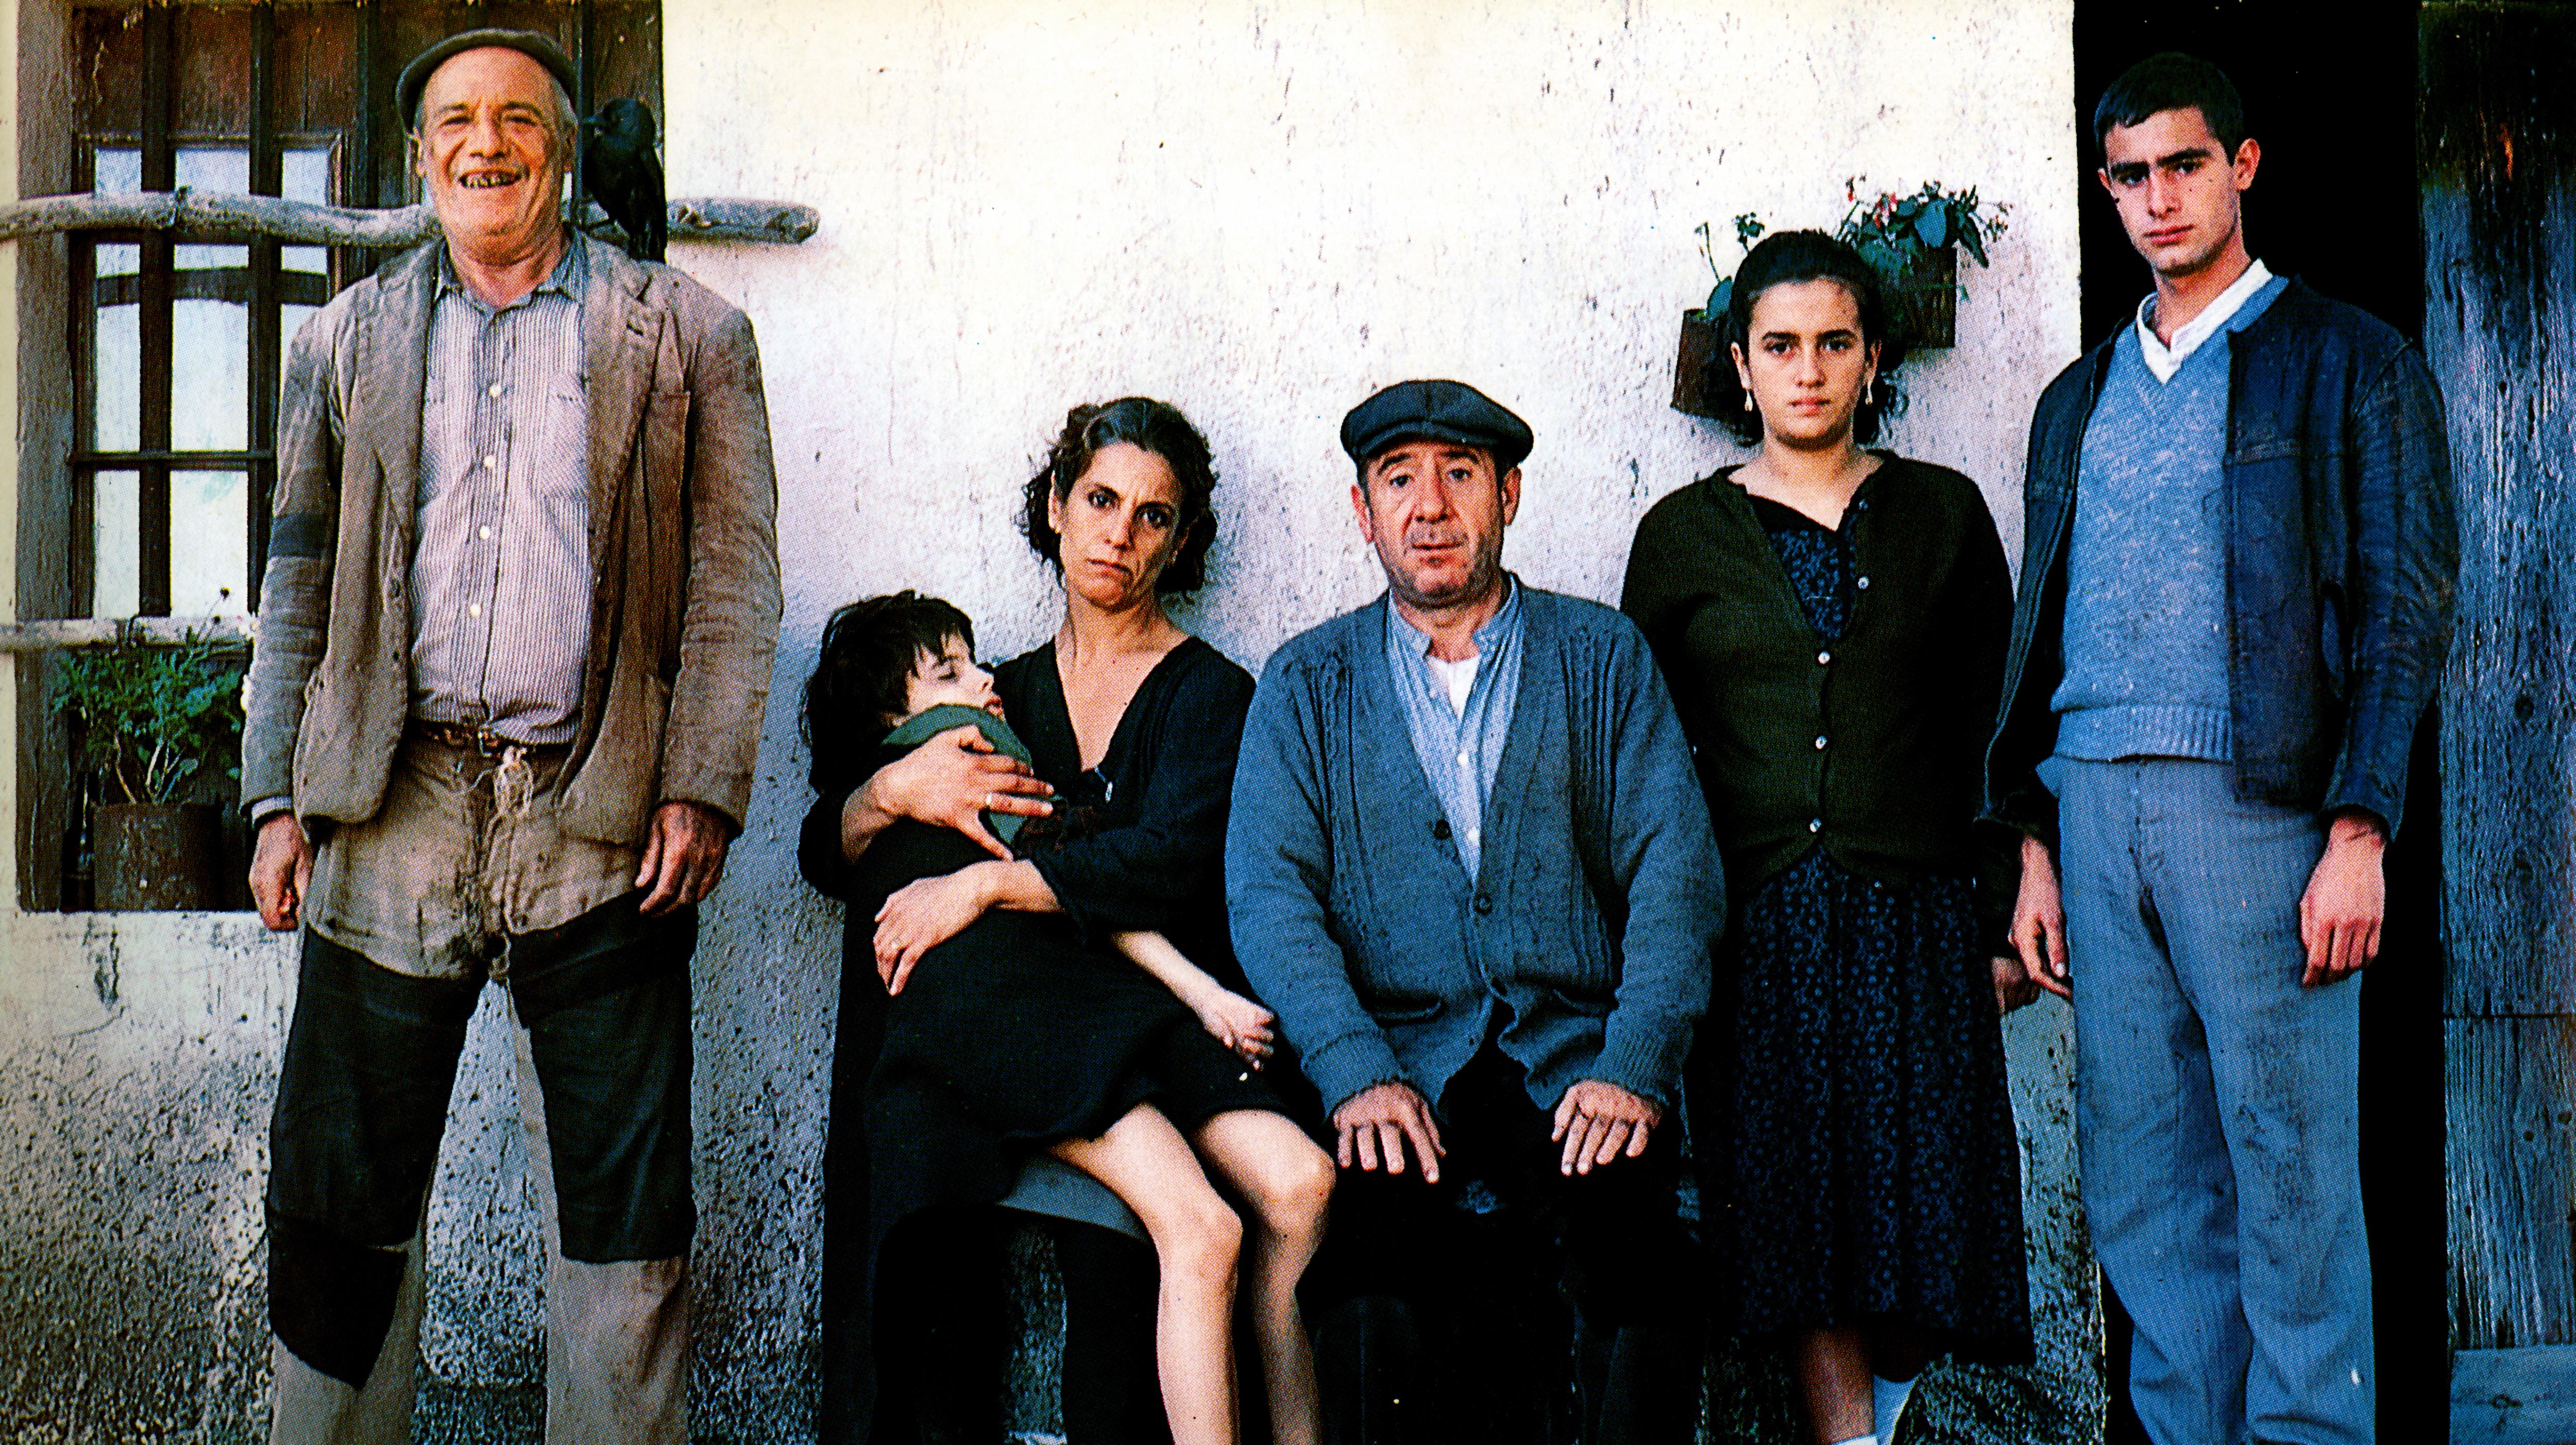 Mario Camus, los héroes tristes